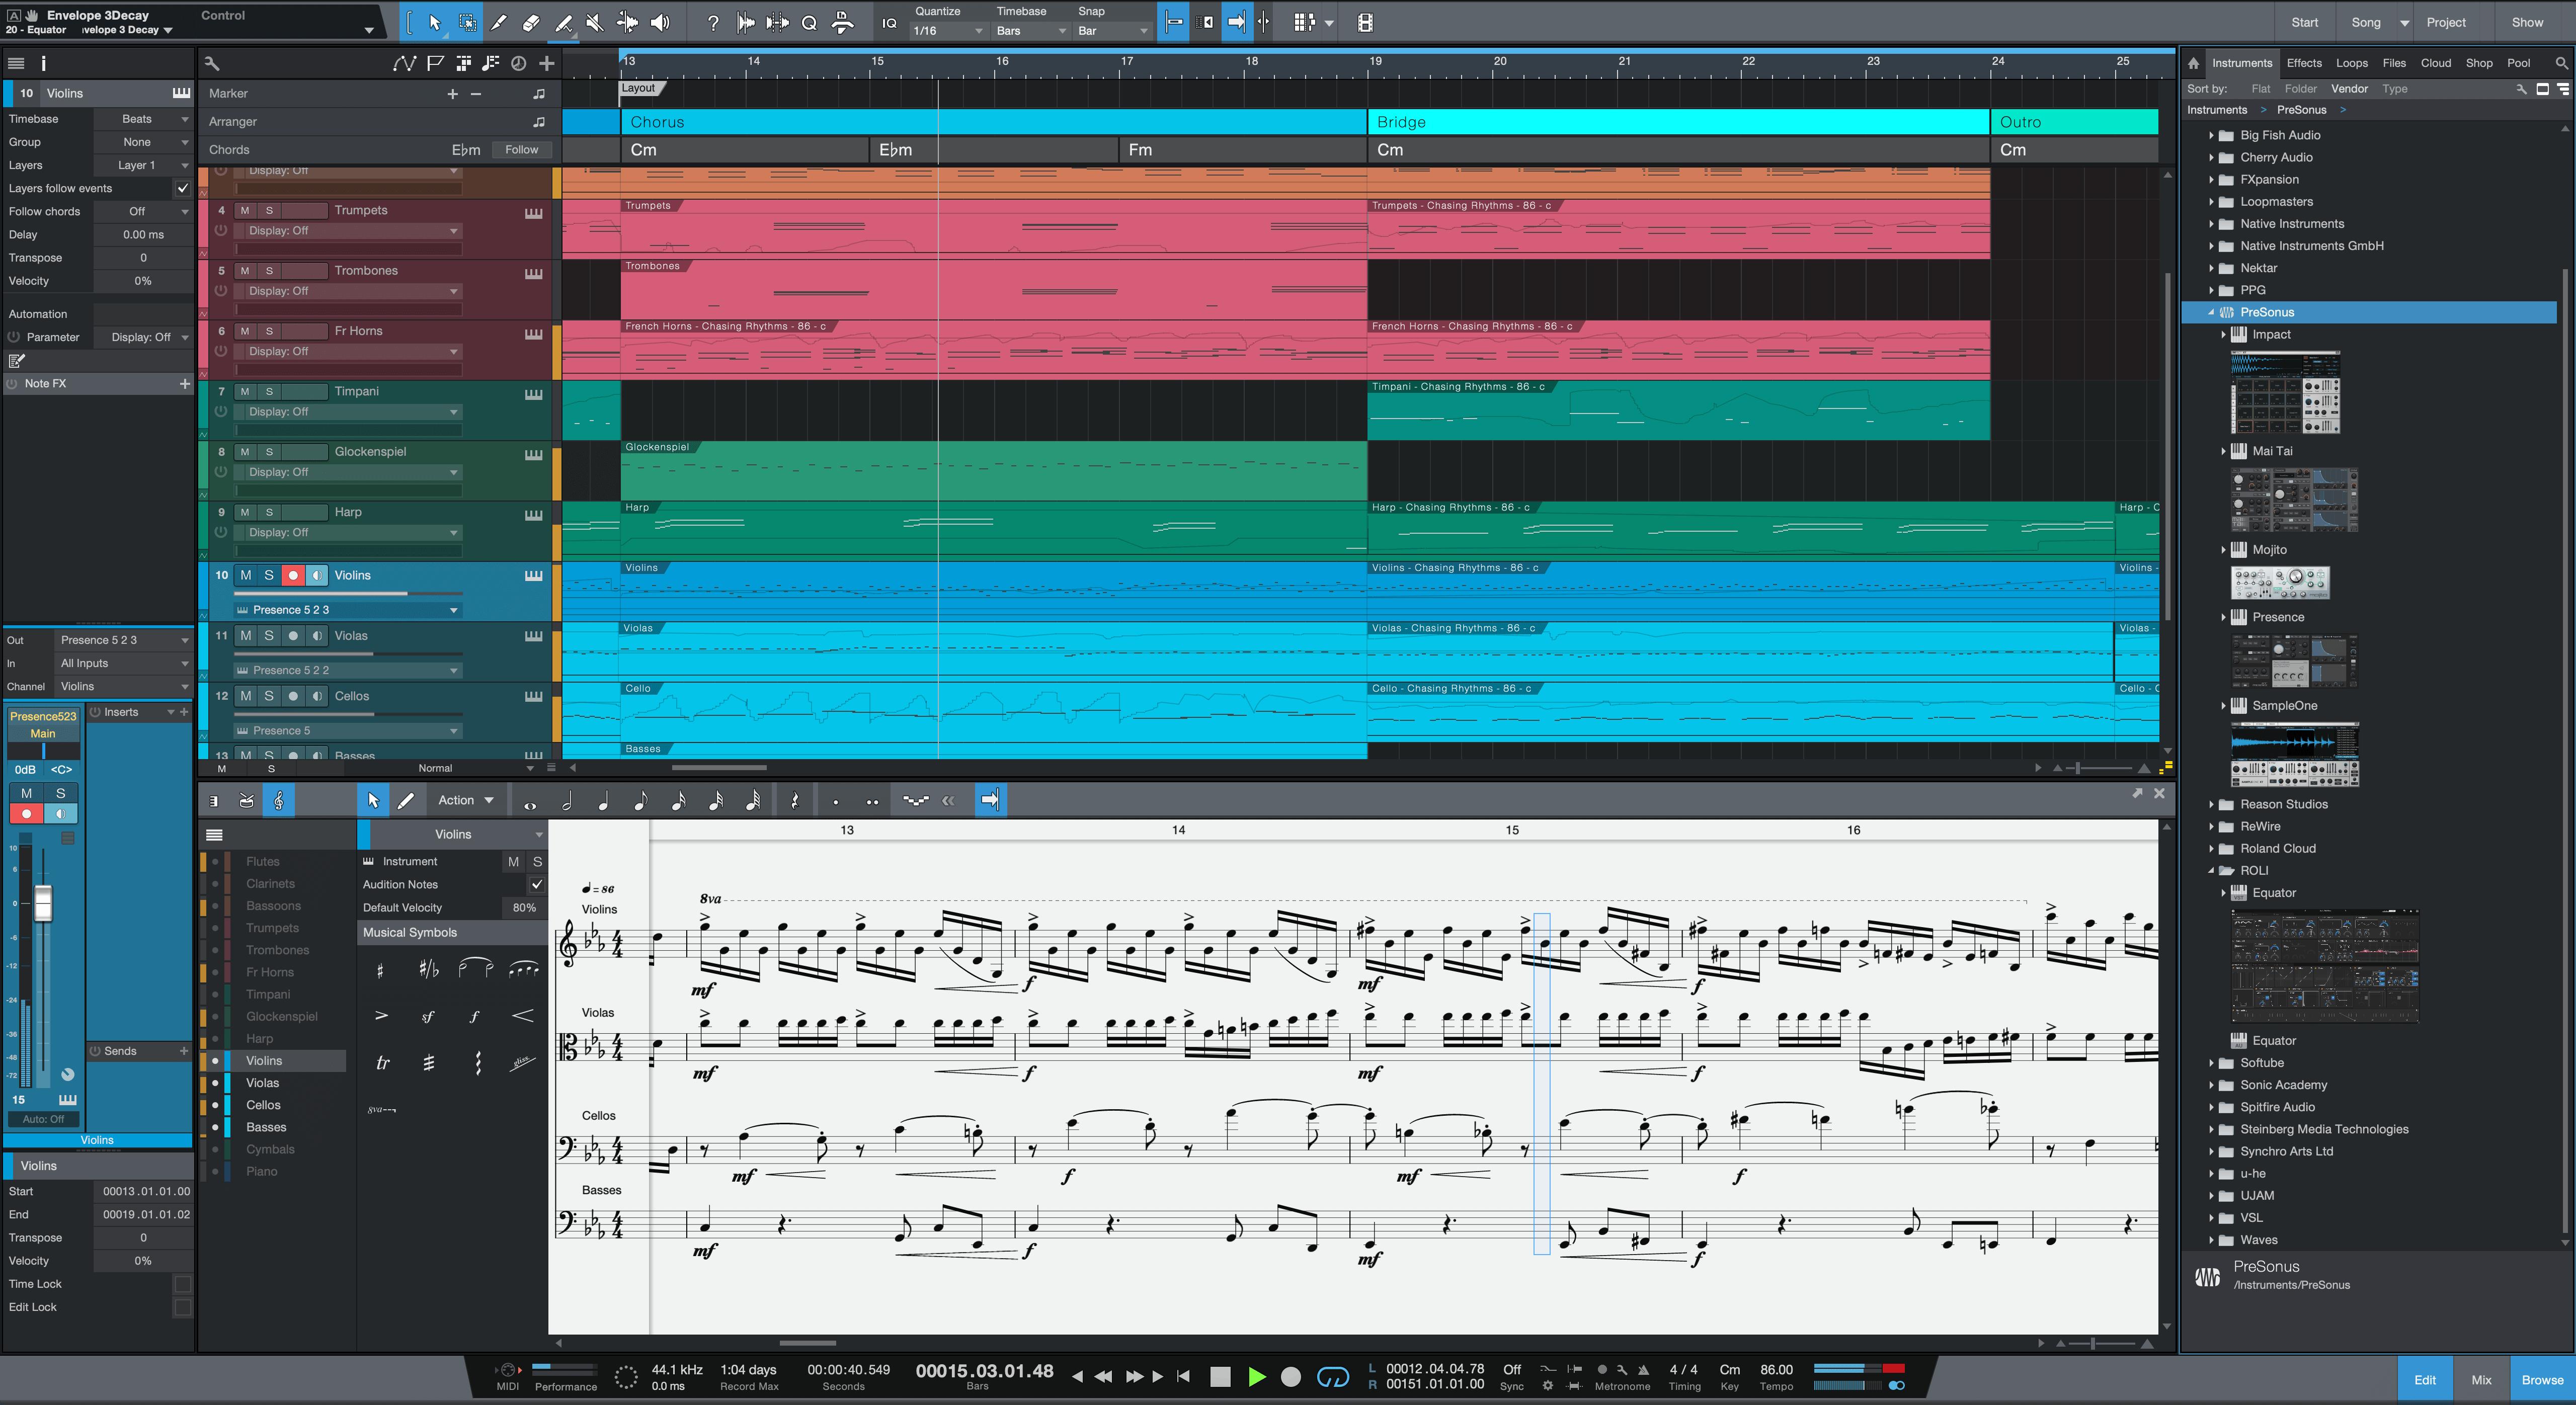 PreSonus_StudioOne_5_song_mix_score1.png